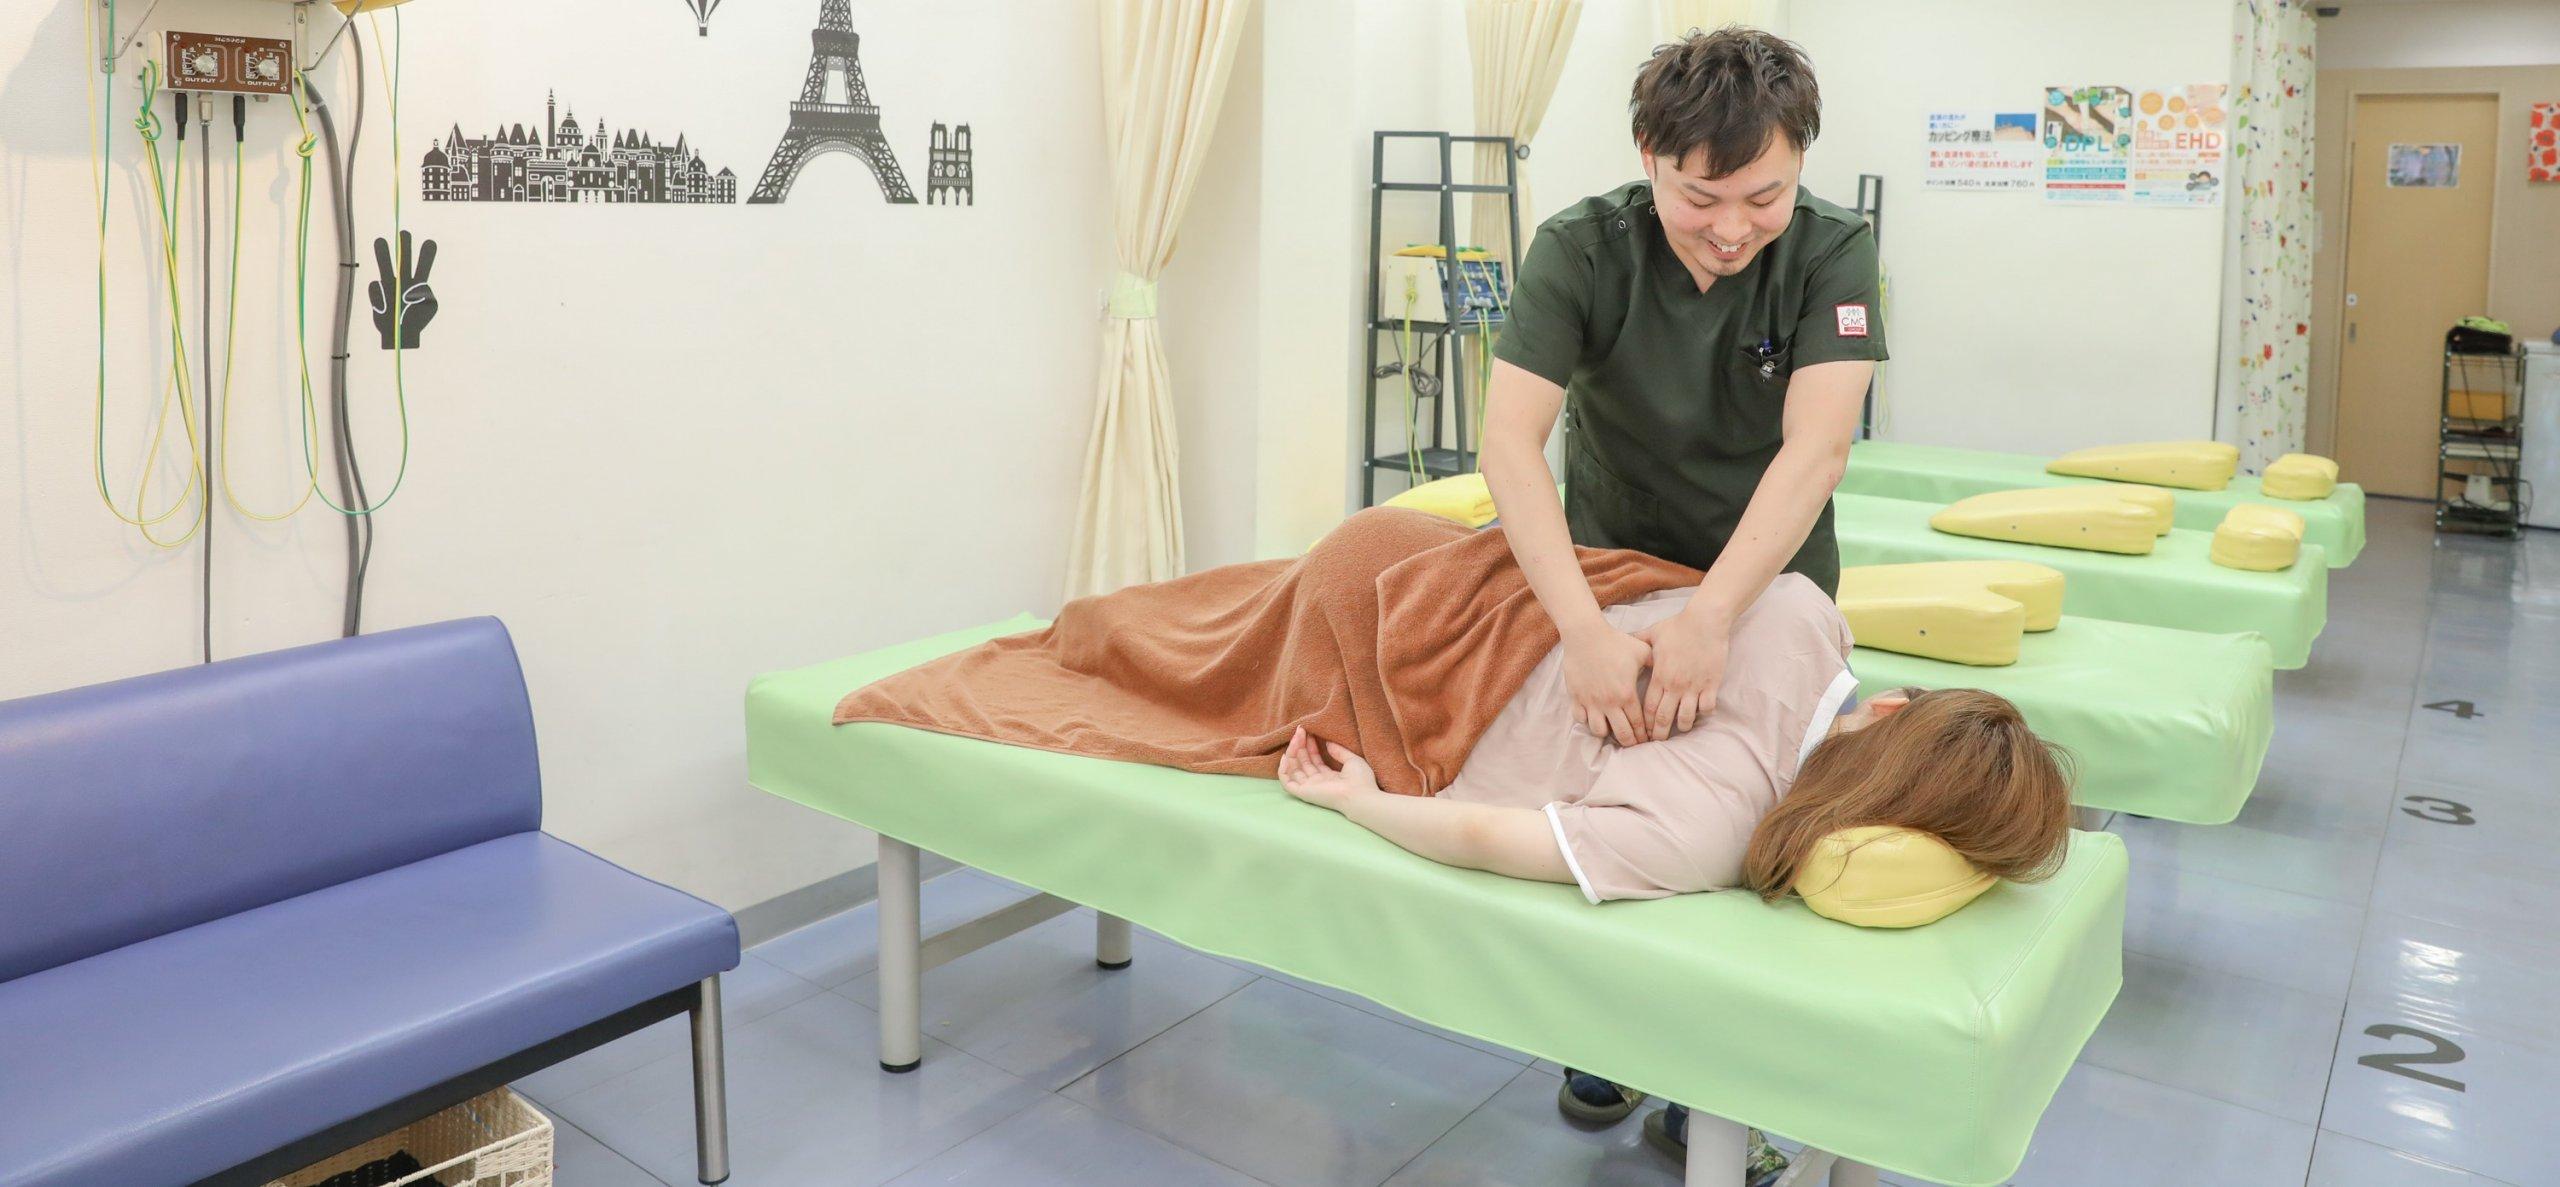 あなたの症状・状態に合わせた<br>適切な施術を提供します